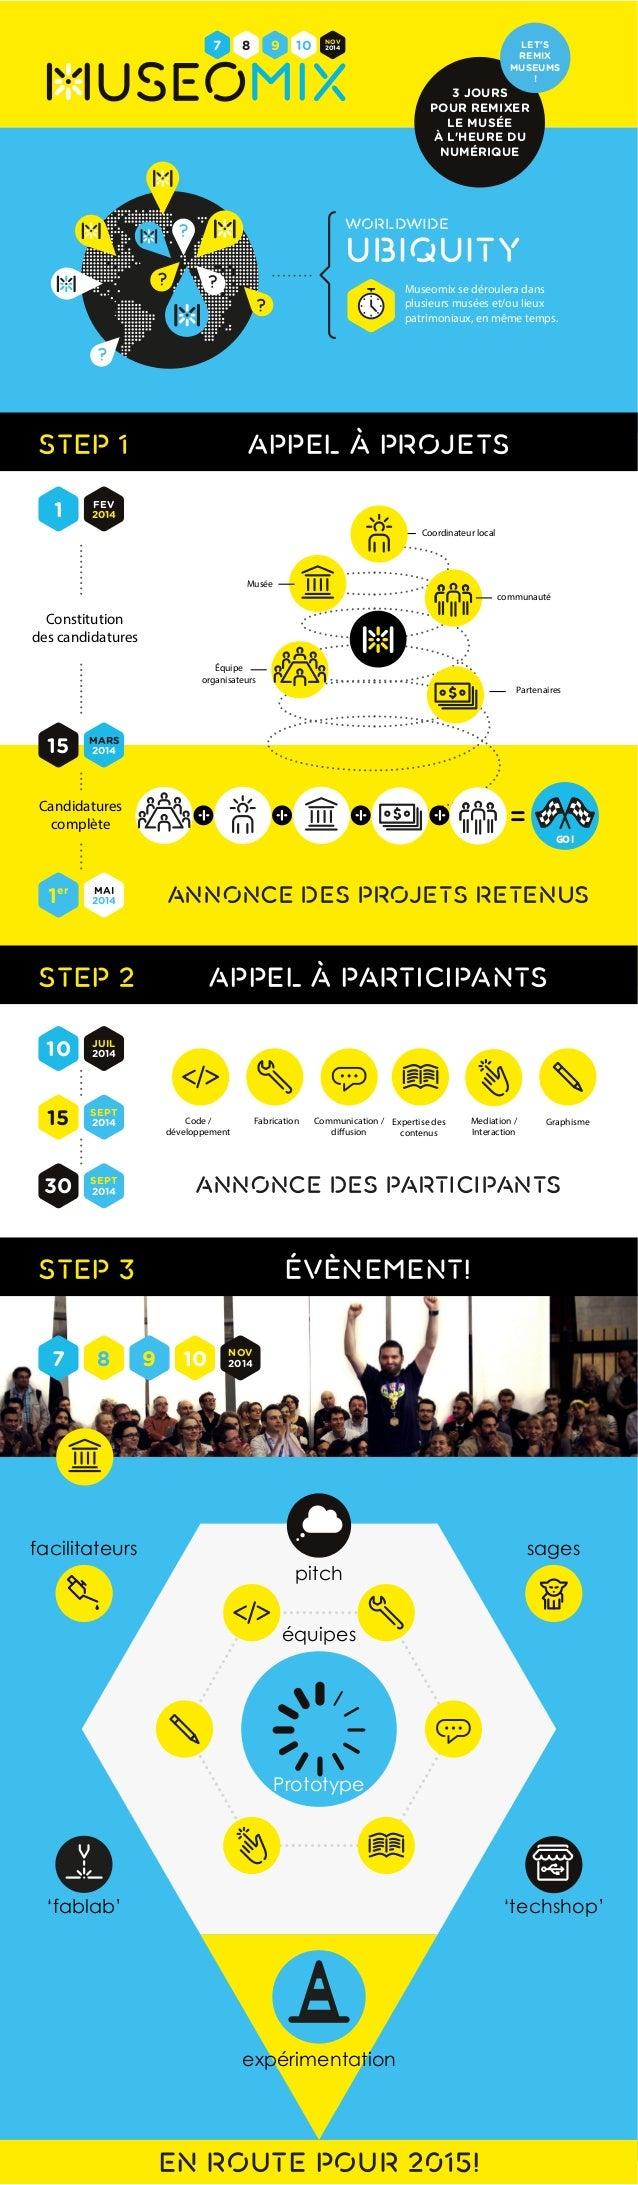 WORLDWIDE  LET'S  REMIX  MUSEUMS  ubiquitY  7 8 9 10 2014  Équipe  organisateurs  + + + + =  annonce des projets retenus  ...